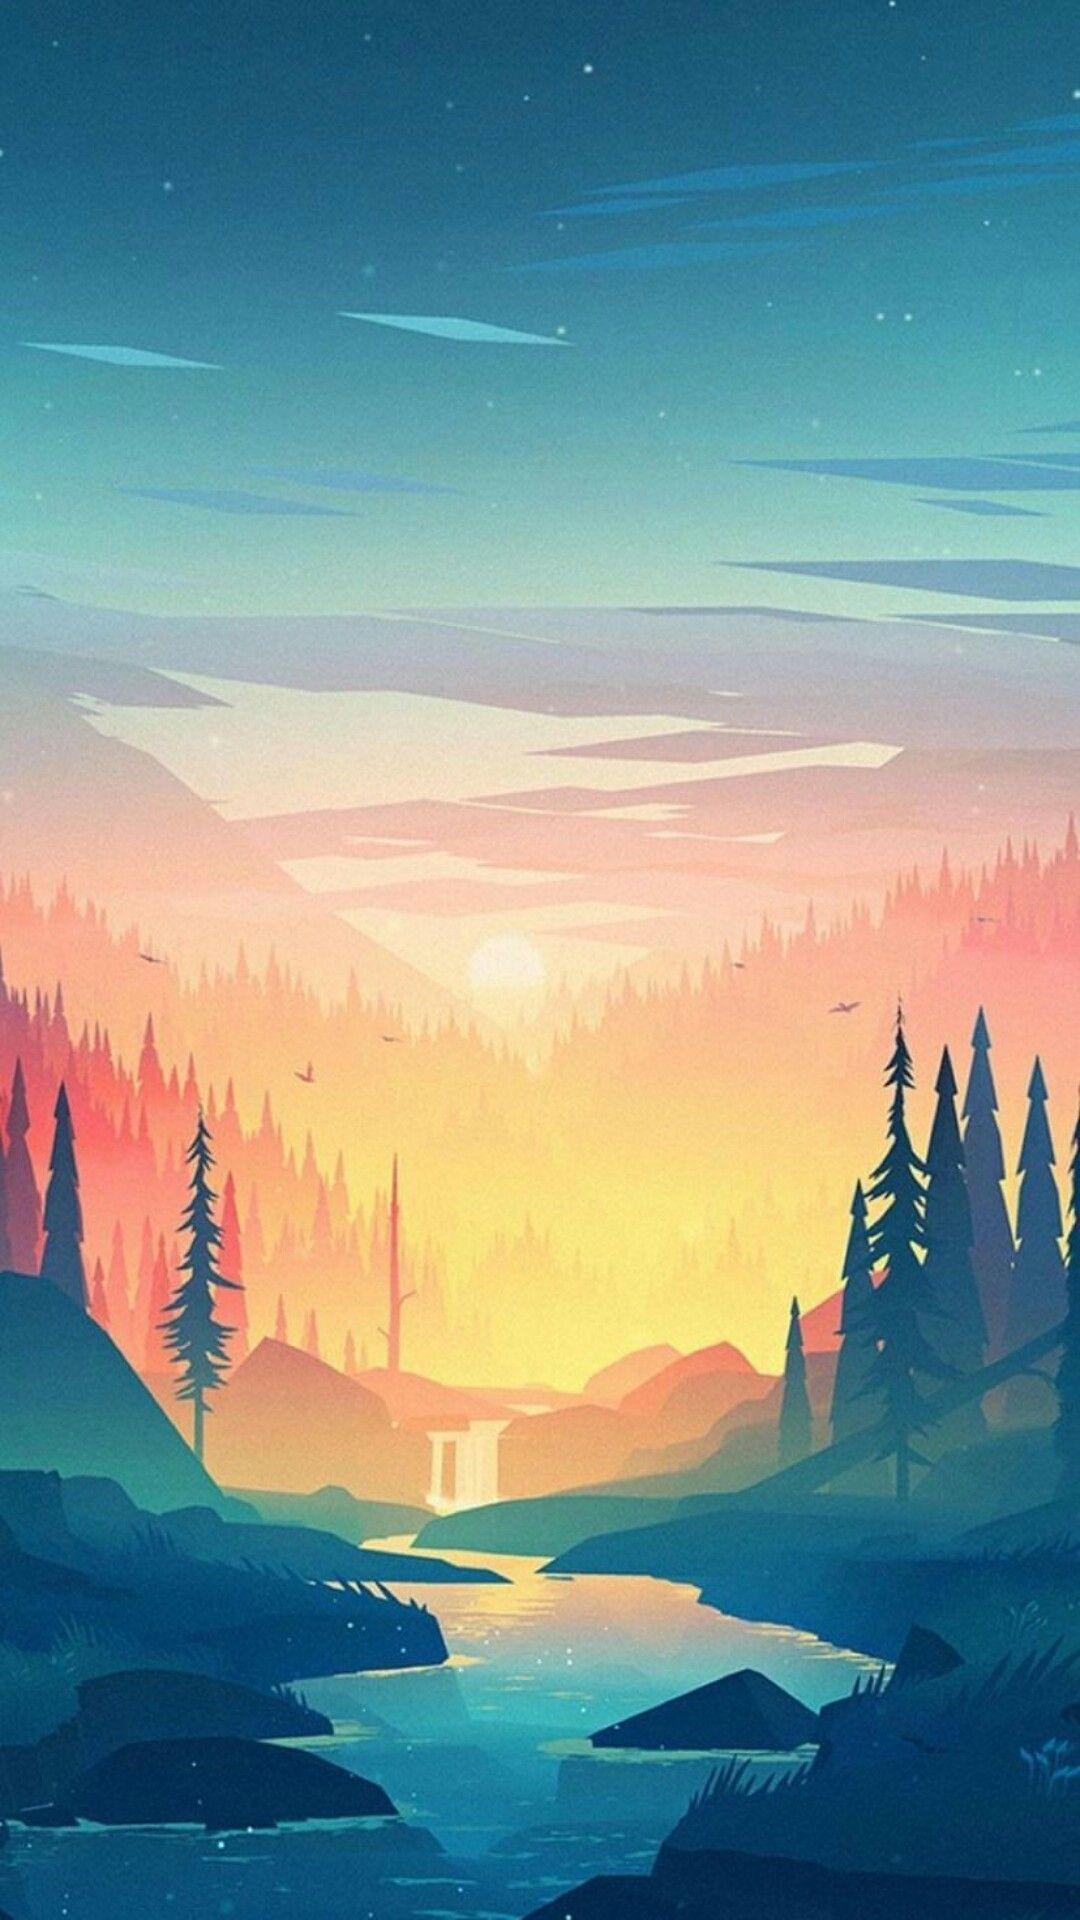 Painting Art Wallpaper Hd In 2020 Scenery Wallpaper Landscape Wallpaper Landscape Art